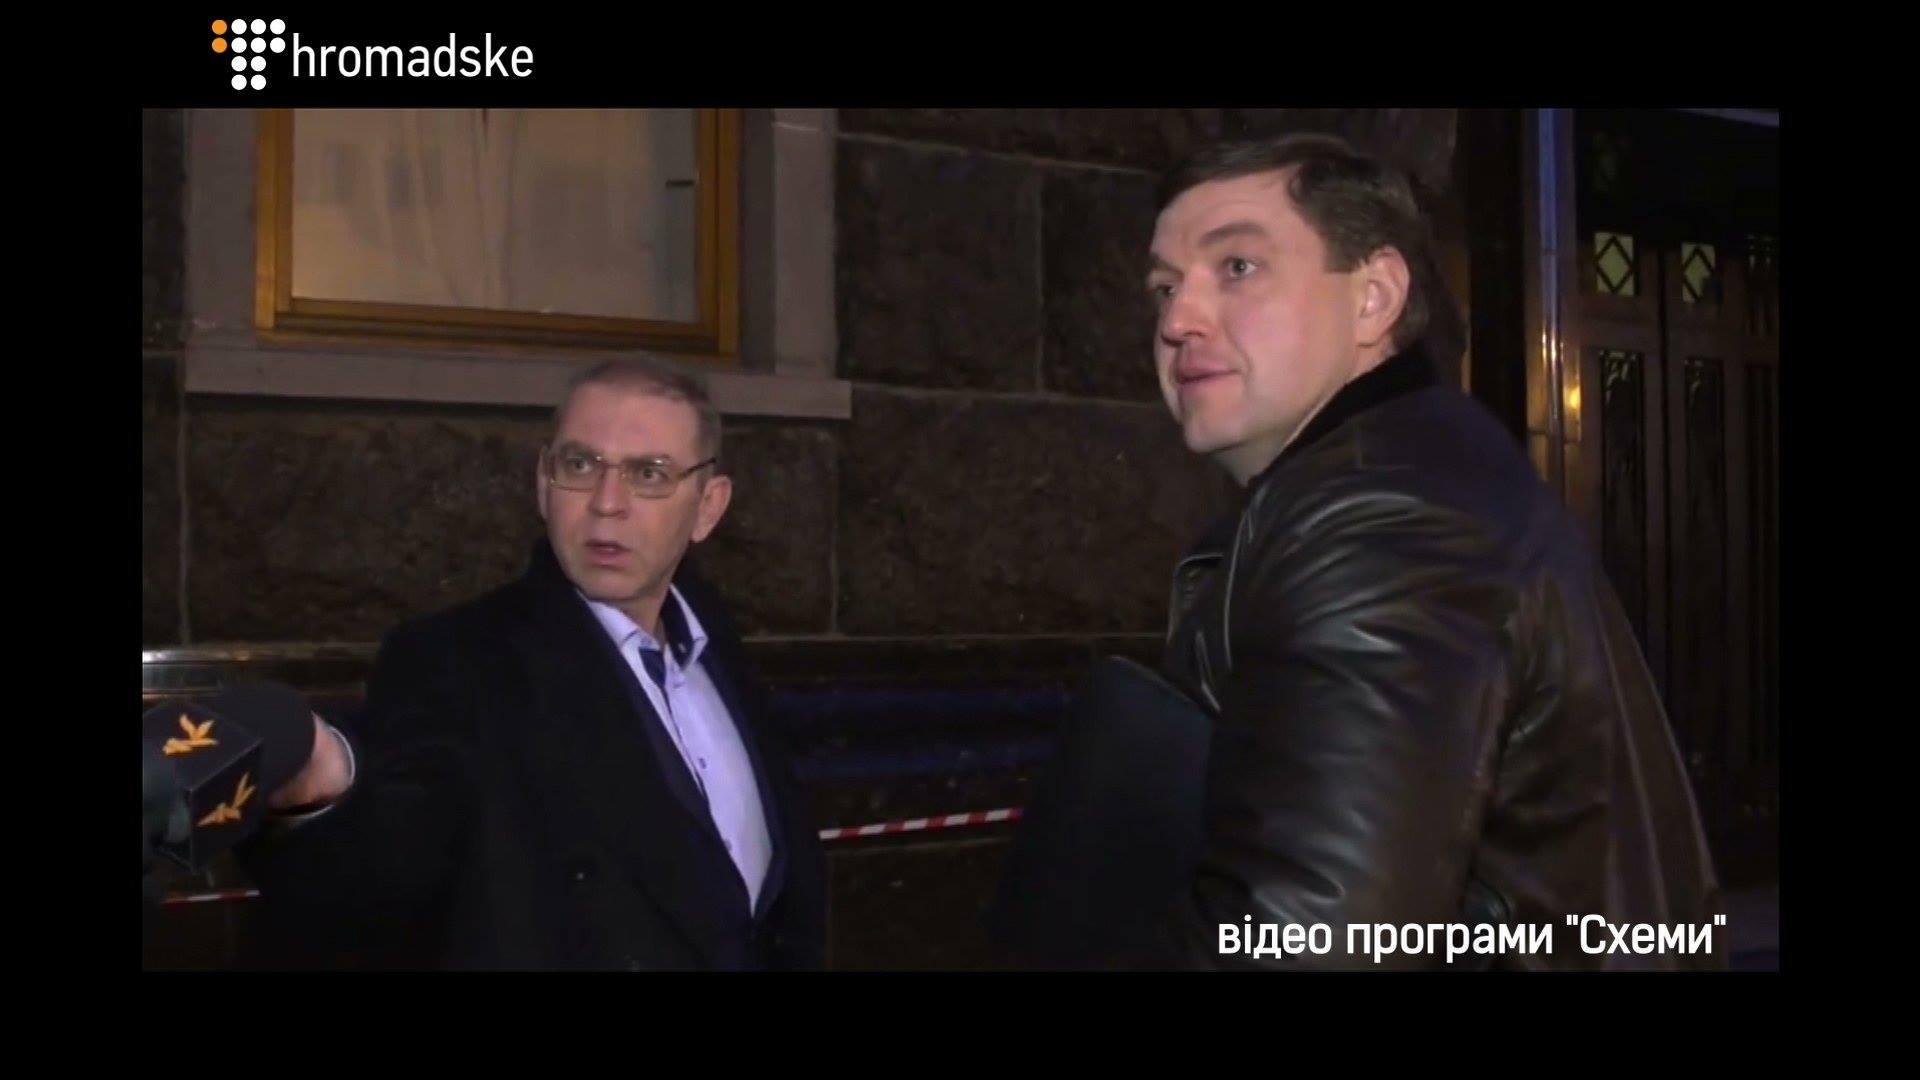 Медіаюристки ІРРП виграли суд у Пашинського, згаданого в розслідуванні оборудок Укроборонпрому